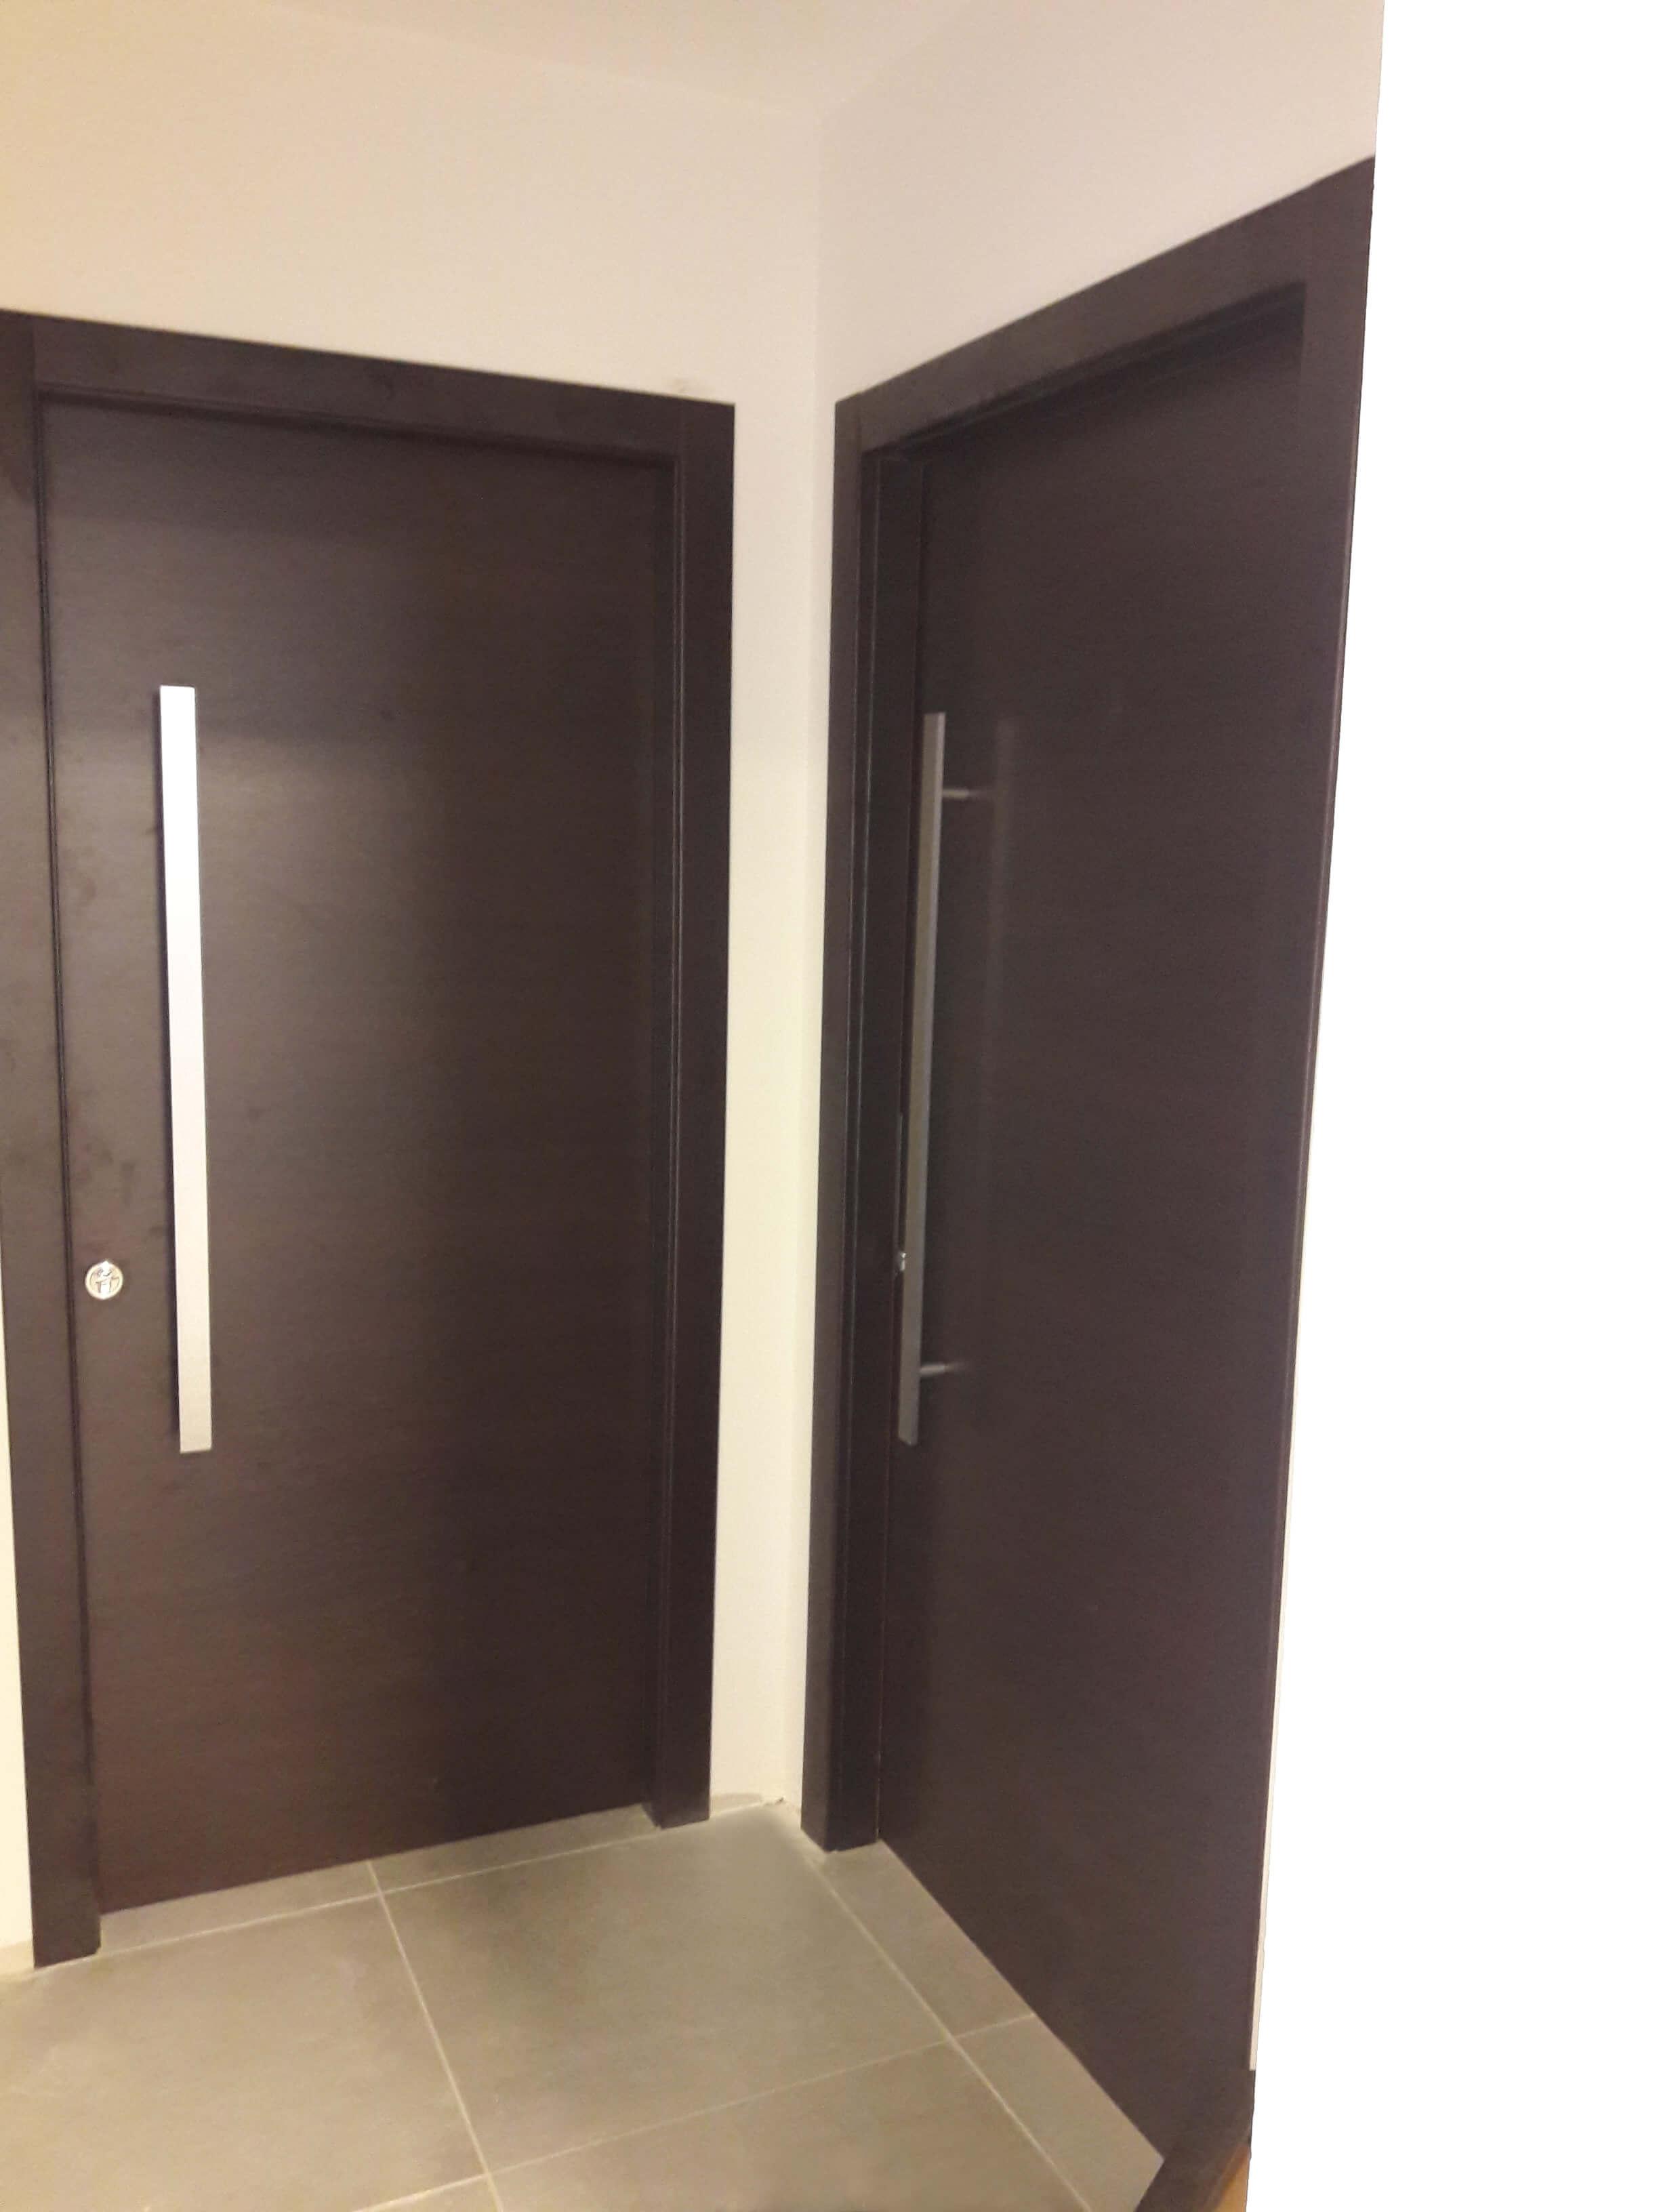 דלתות פנים בעיצוב ייחודי